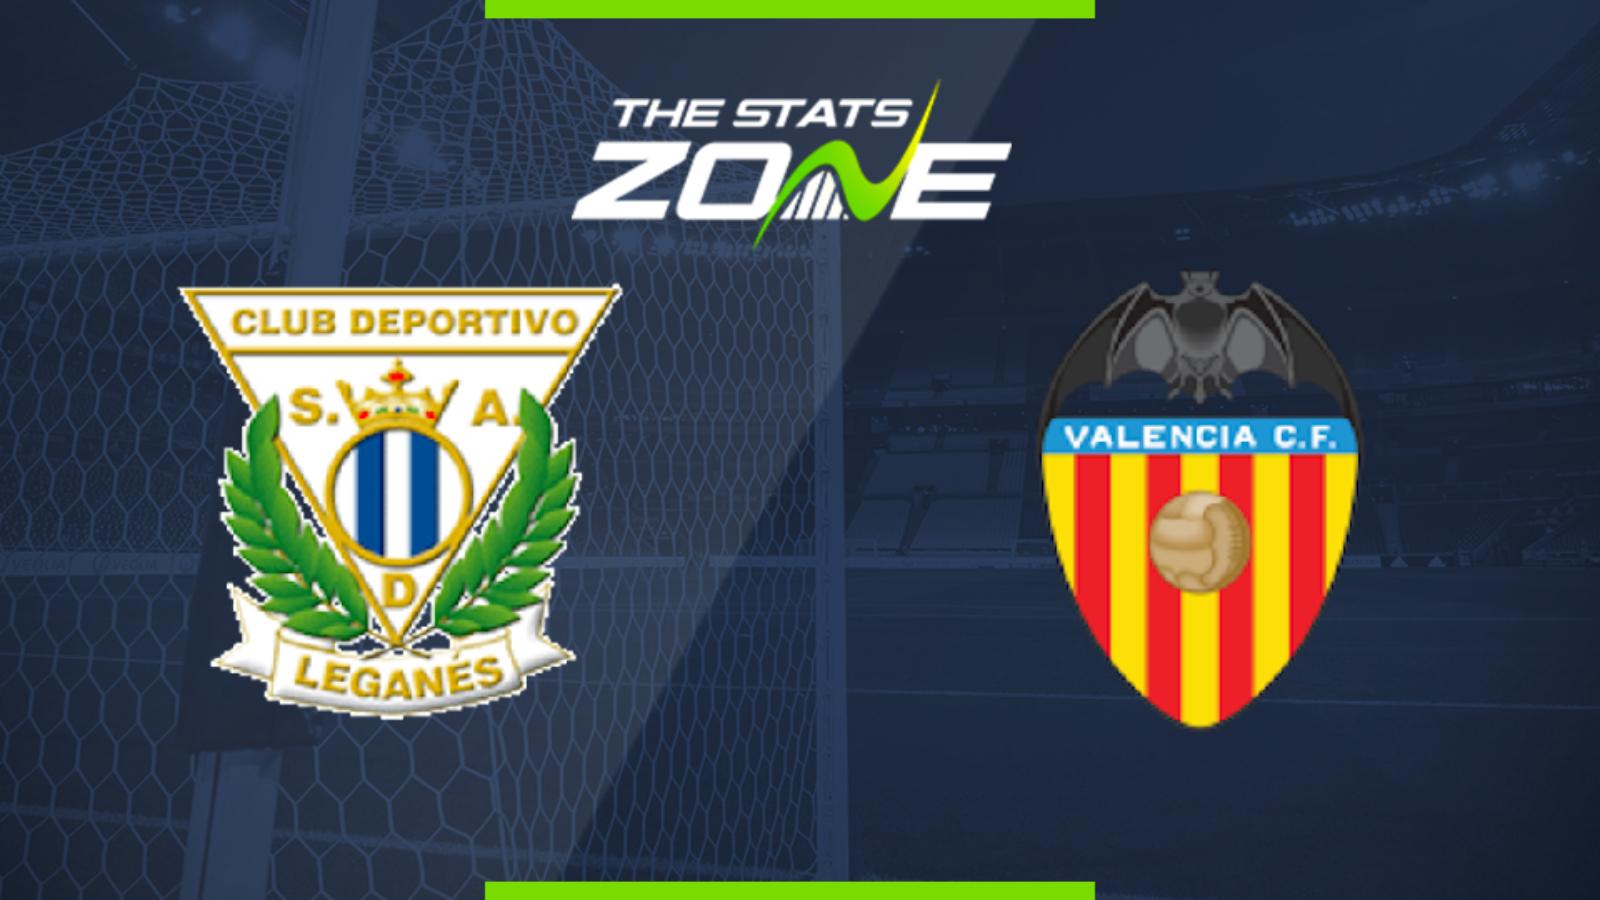 【足球直播】西甲第36輪:2020.07.13 01:30-利根尼斯 VS 華倫西亞(Leganes VS Valencia)